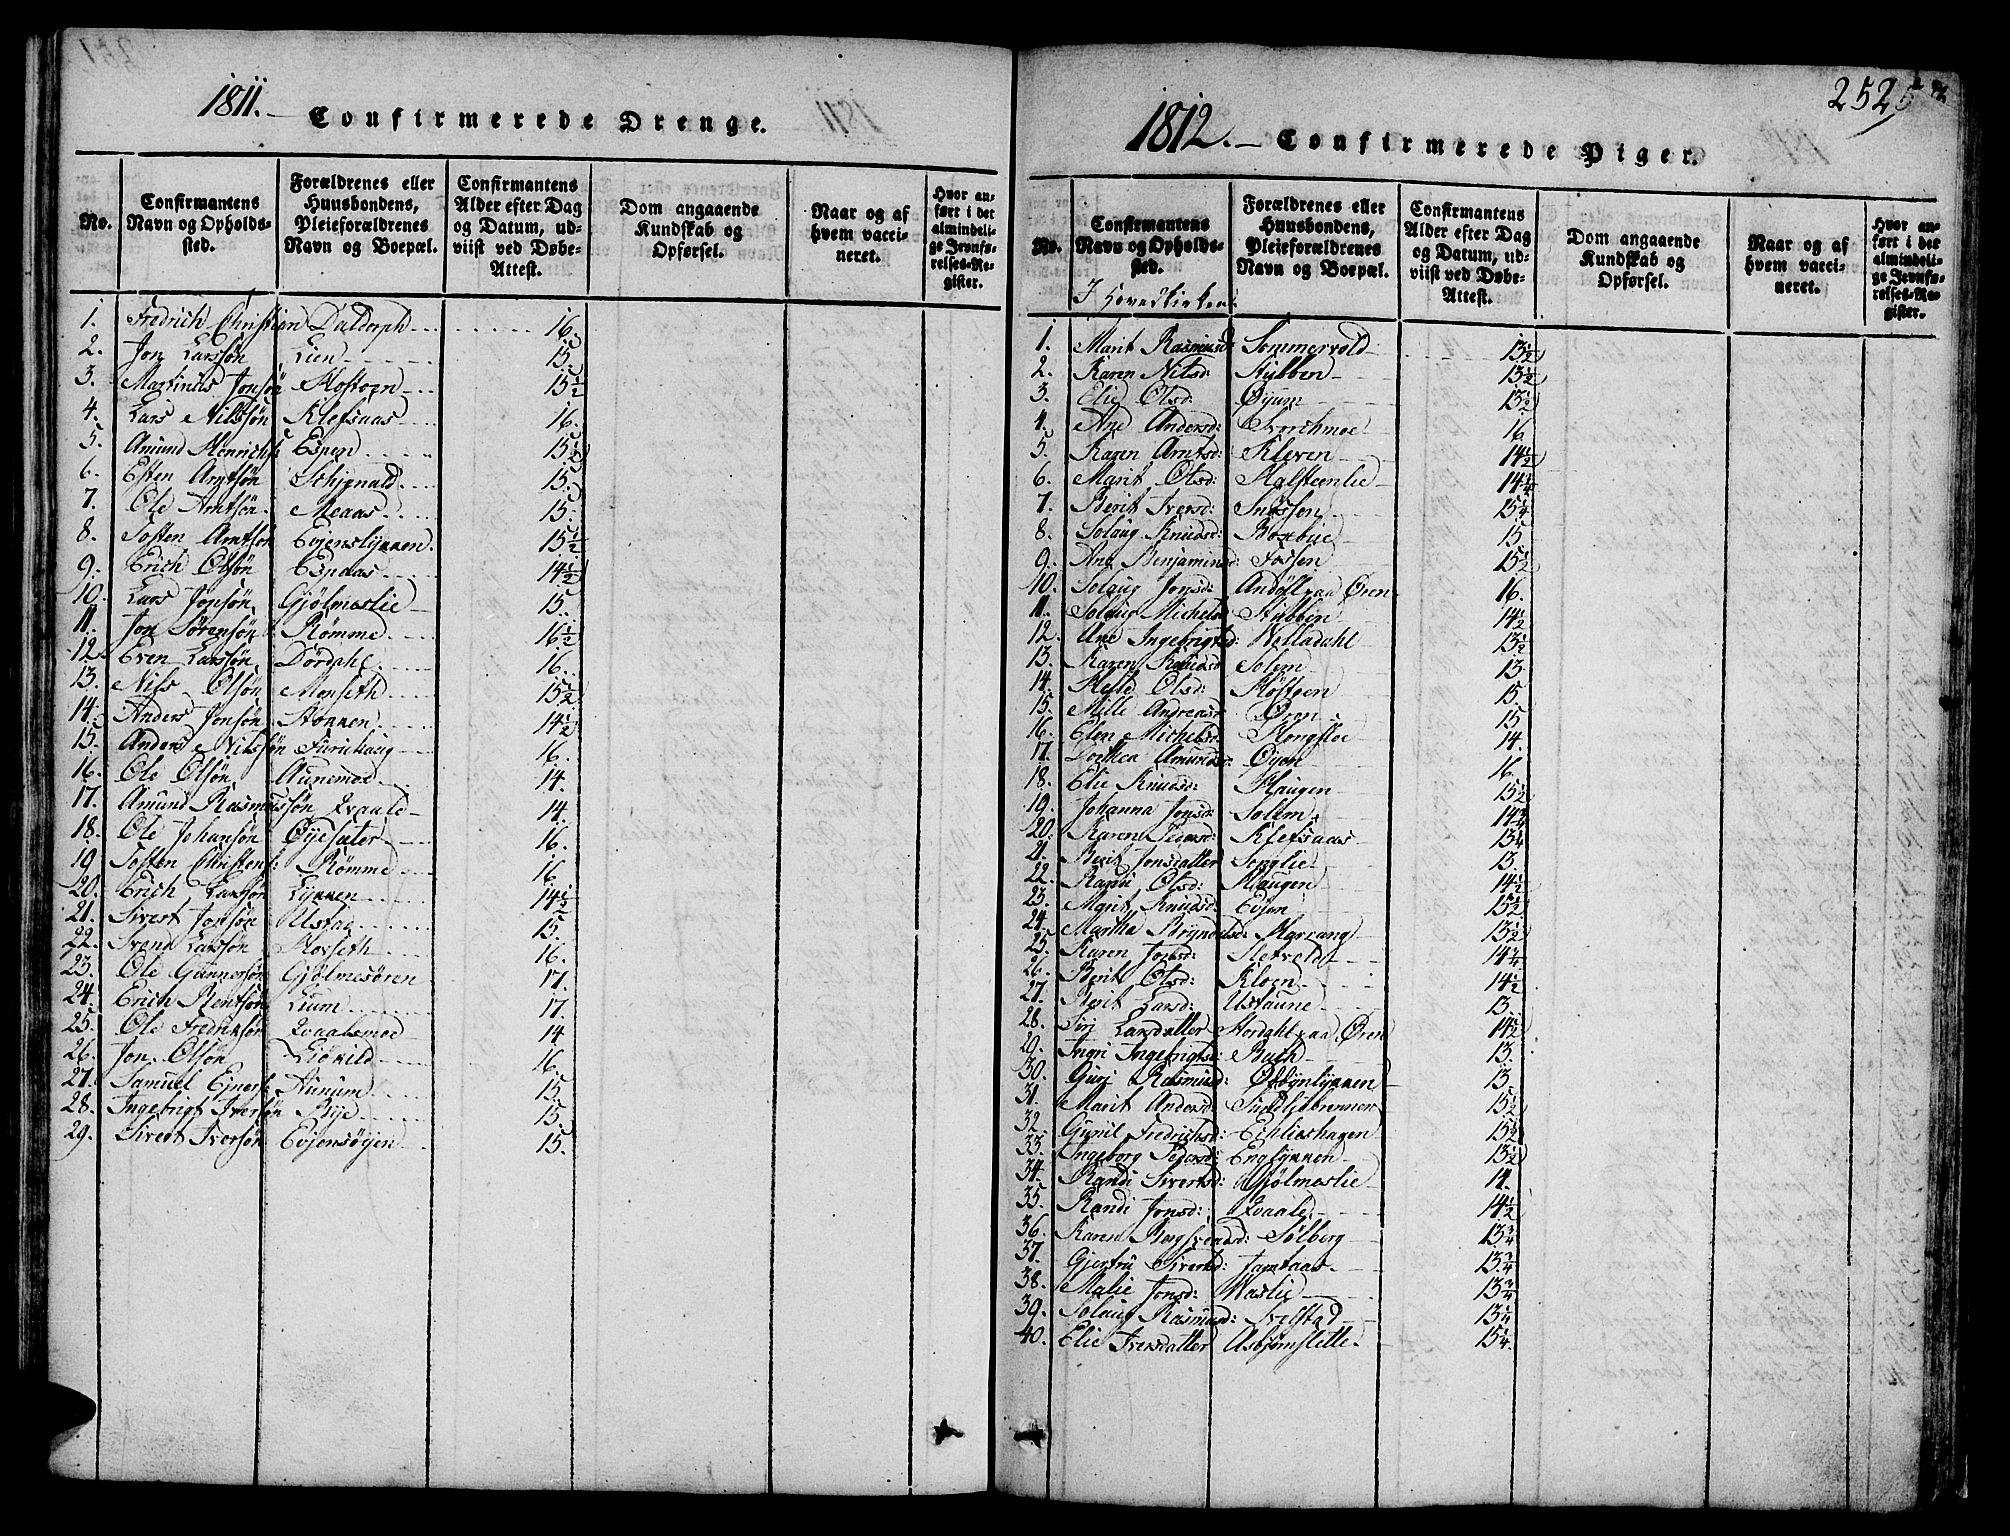 SAT, Ministerialprotokoller, klokkerbøker og fødselsregistre - Sør-Trøndelag, 668/L0803: Ministerialbok nr. 668A03, 1800-1826, s. 252